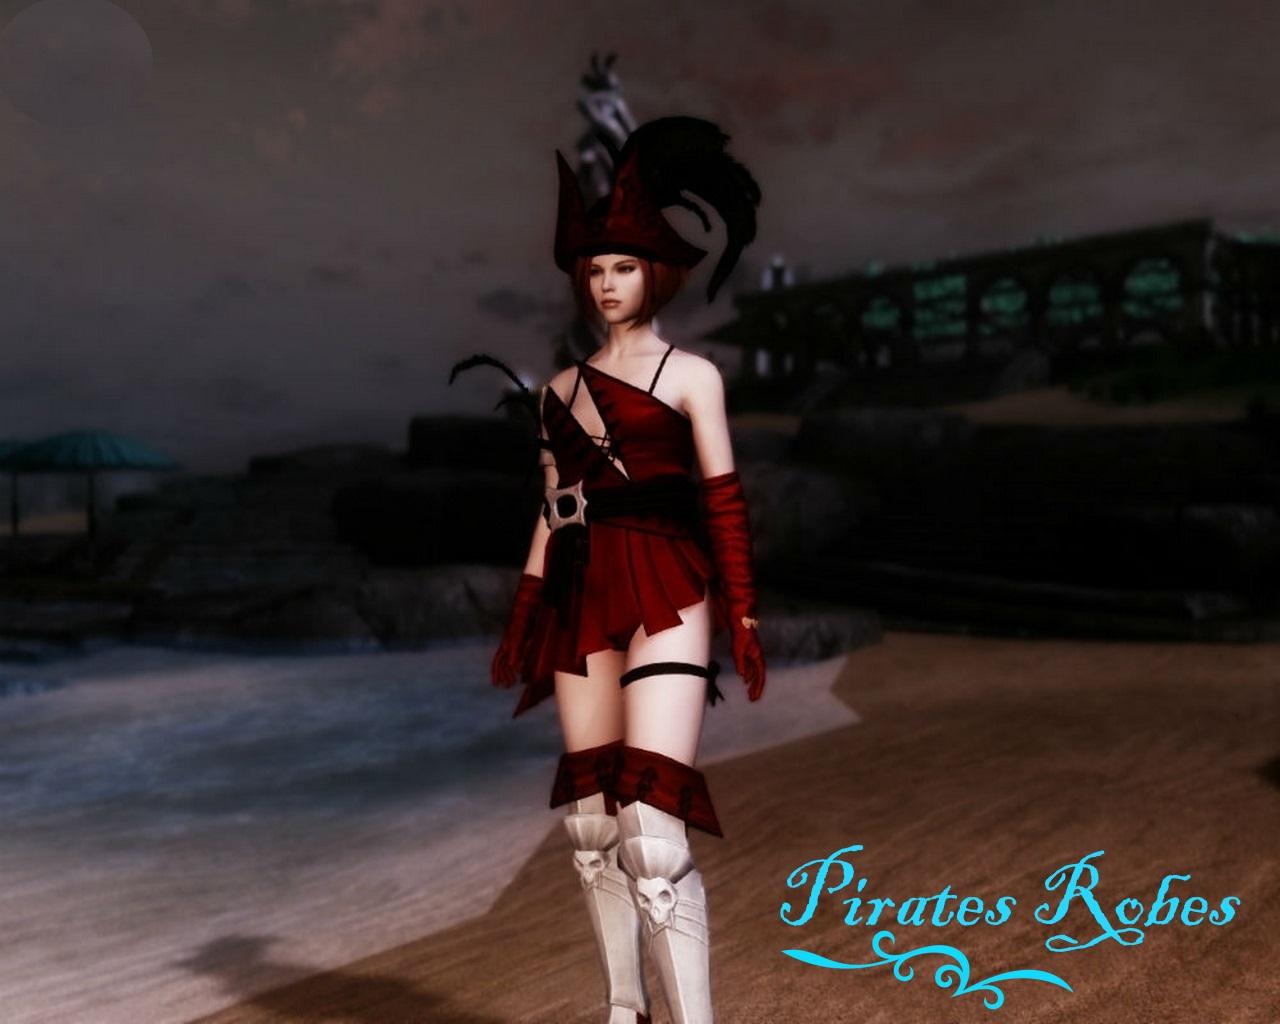 Pirates_robes.jpg